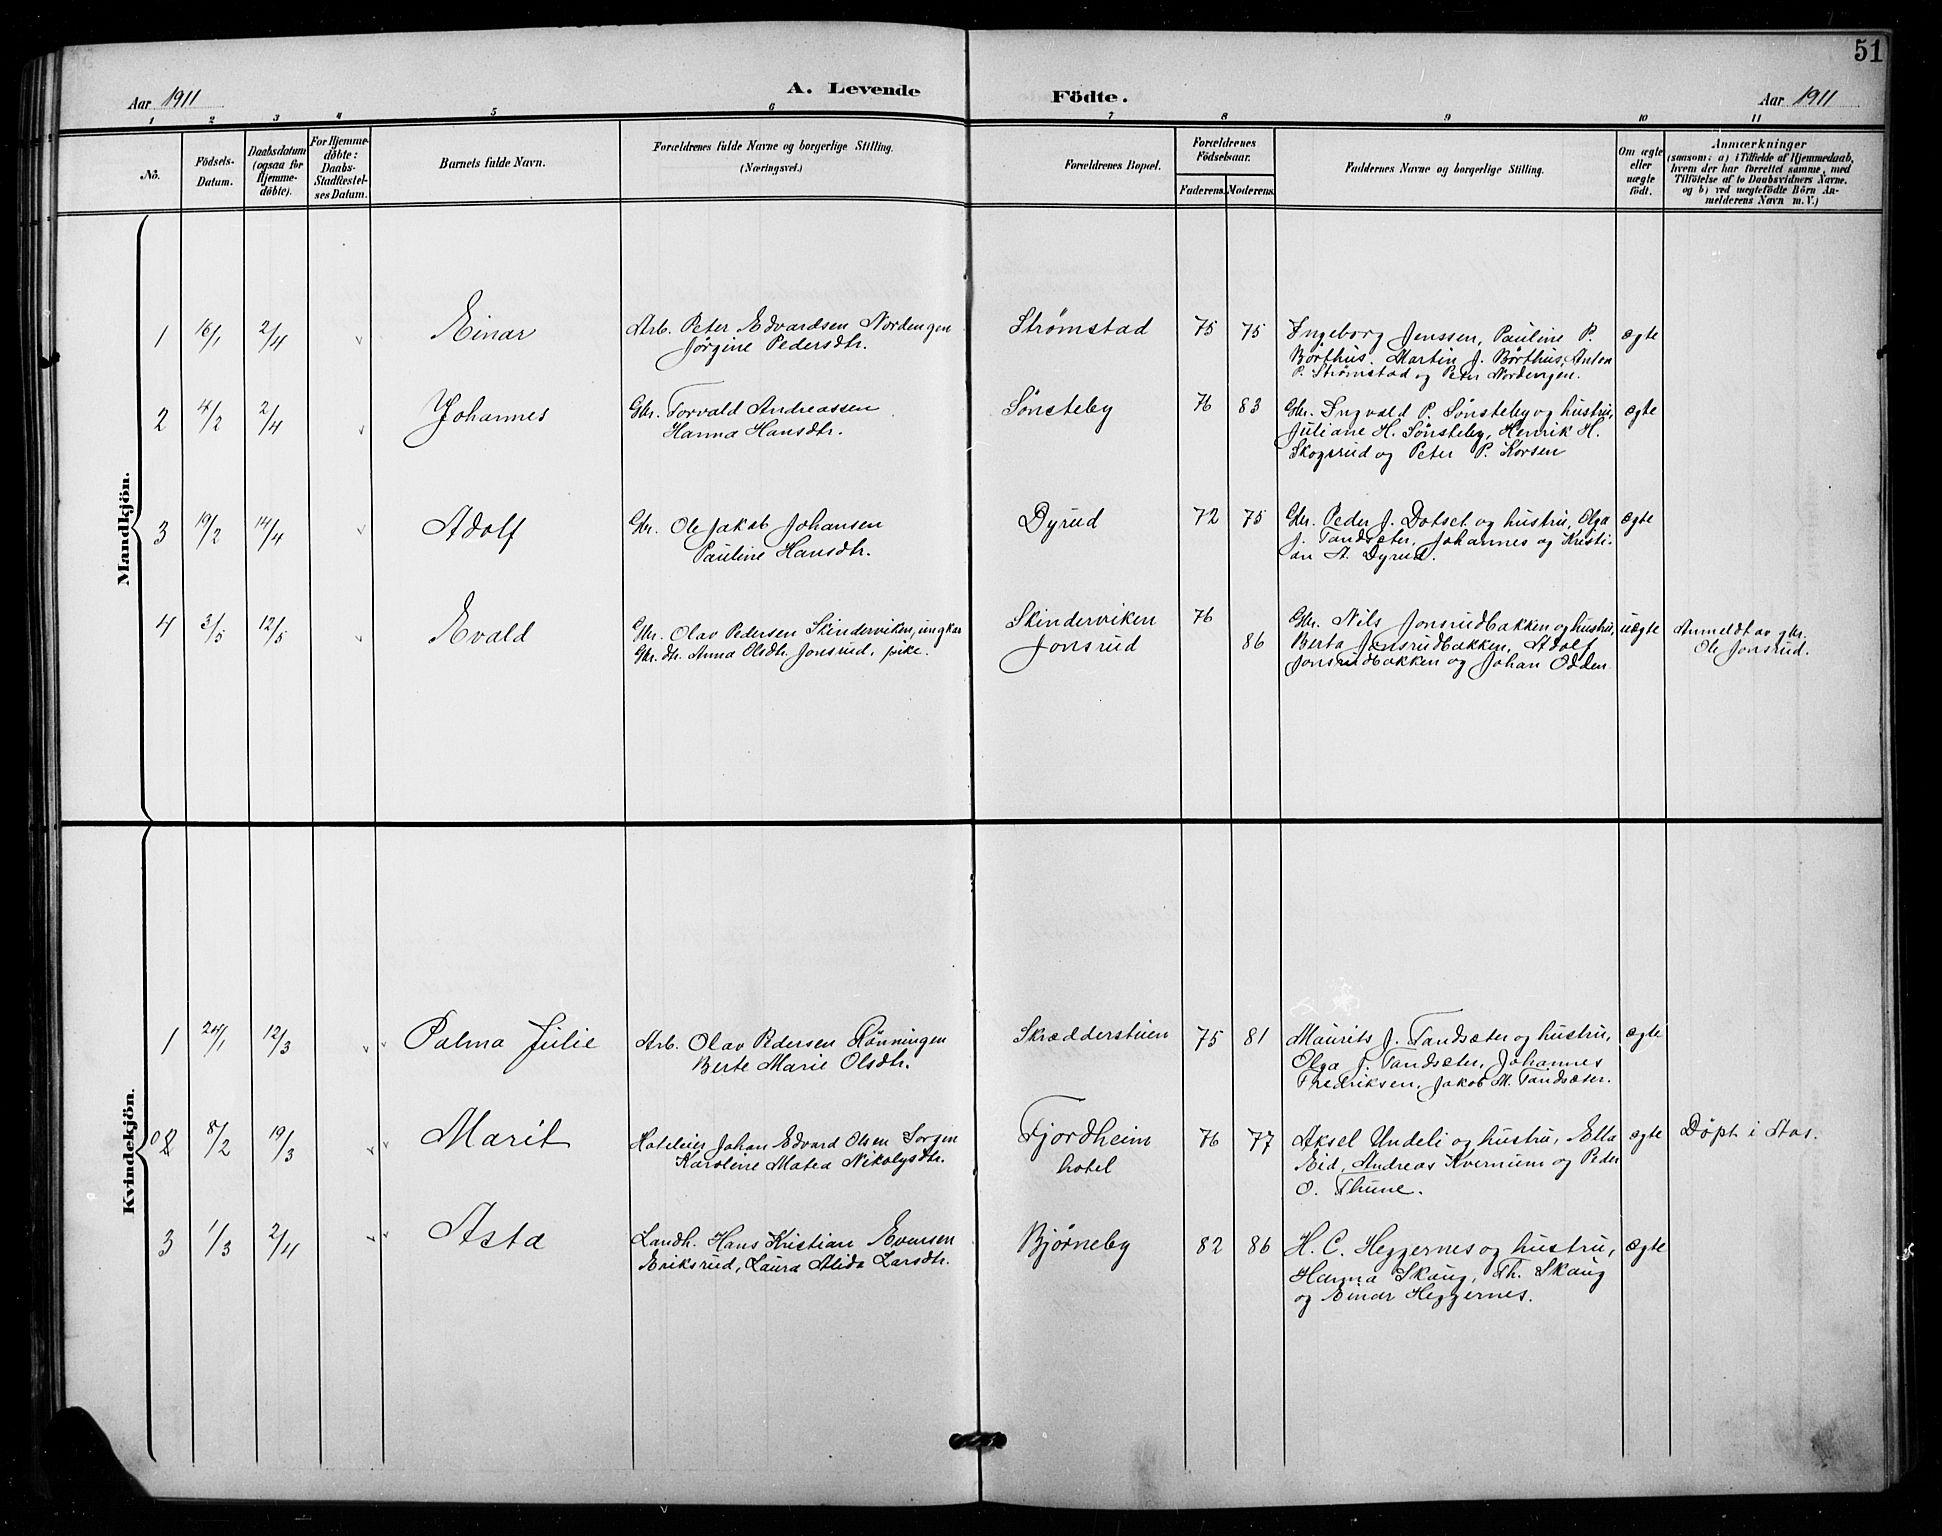 SAH, Vestre Toten prestekontor, H/Ha/Hab/L0016: Klokkerbok nr. 16, 1901-1915, s. 51